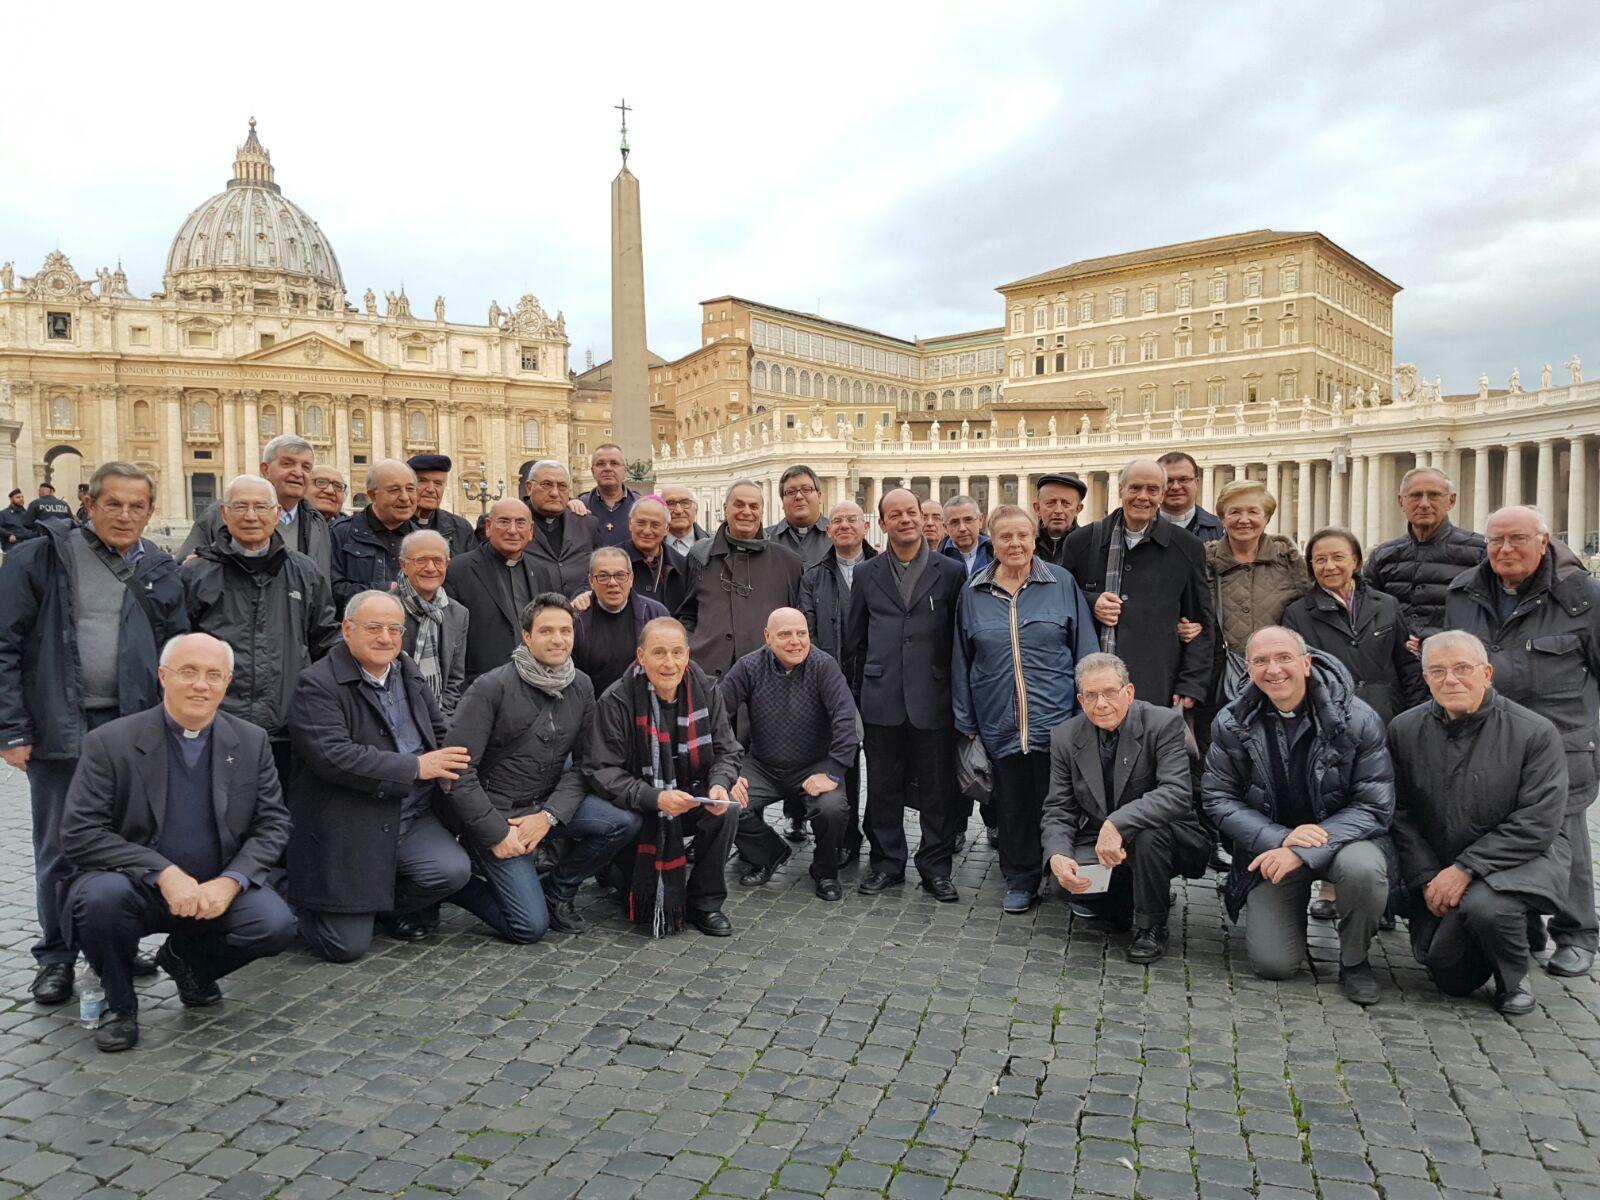 Gruppo dei partecipanti all'Assemblea Generale UAC in pazza San Pietro in attesa dell'Udienza di Papa Francesco